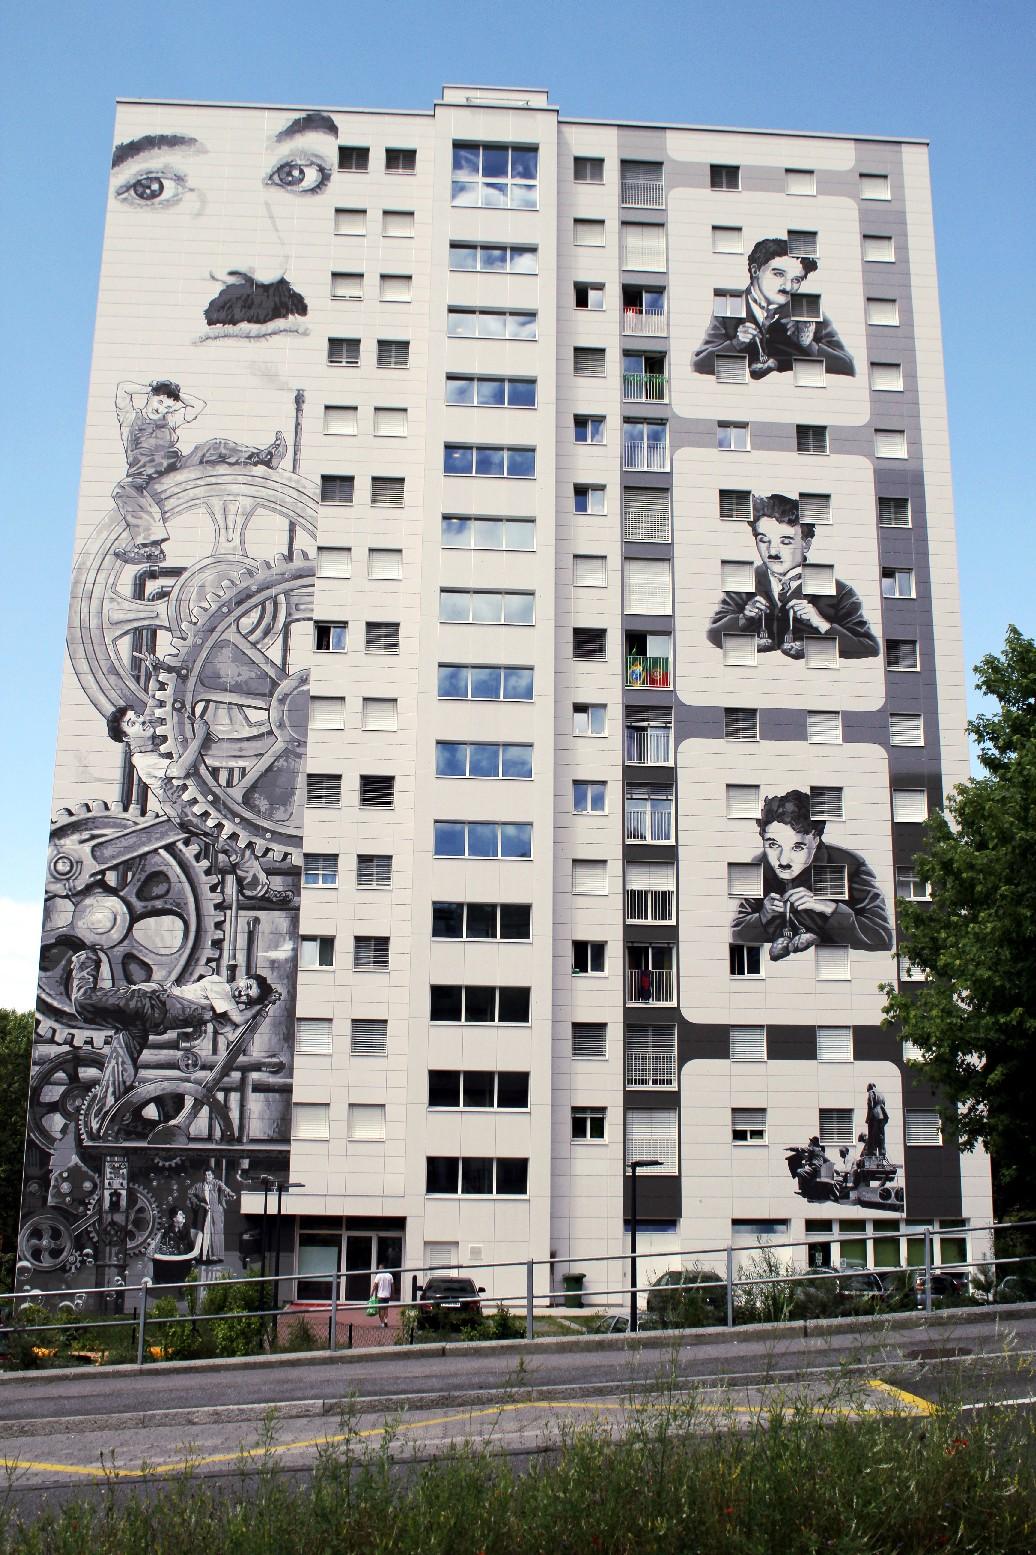 Projeto residencial em Gilamont, em Vevey,. homenageia Charlie Chaplin (foto: Eduardo Vessoni)